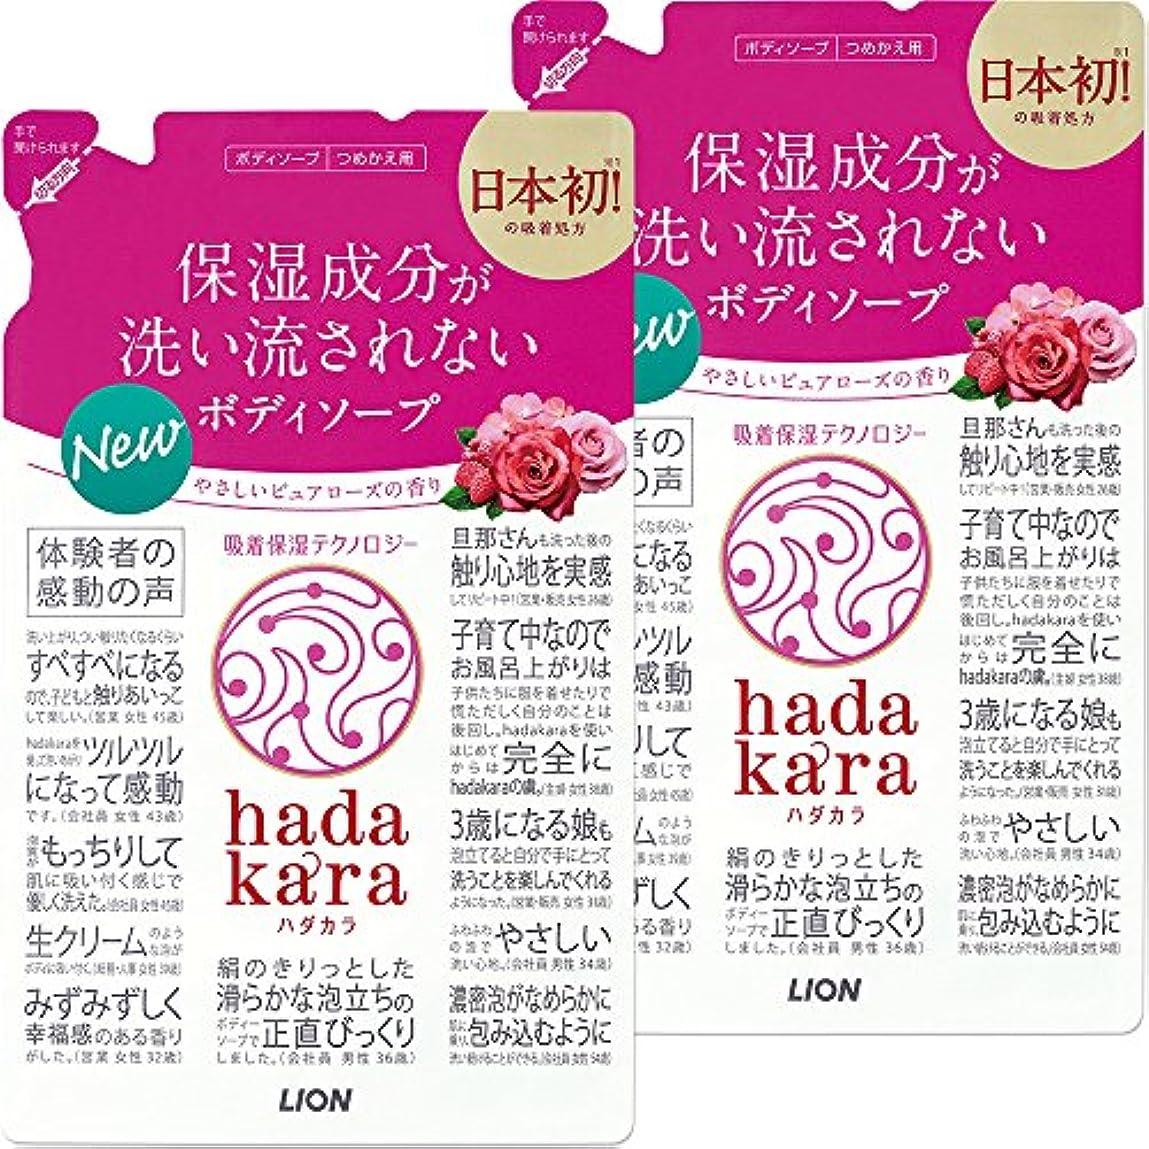 過ち本部ゲスト【まとめ買い】hadakara(ハダカラ) ボディソープ ピュアローズの香り 詰め替え 360ml×2個パック